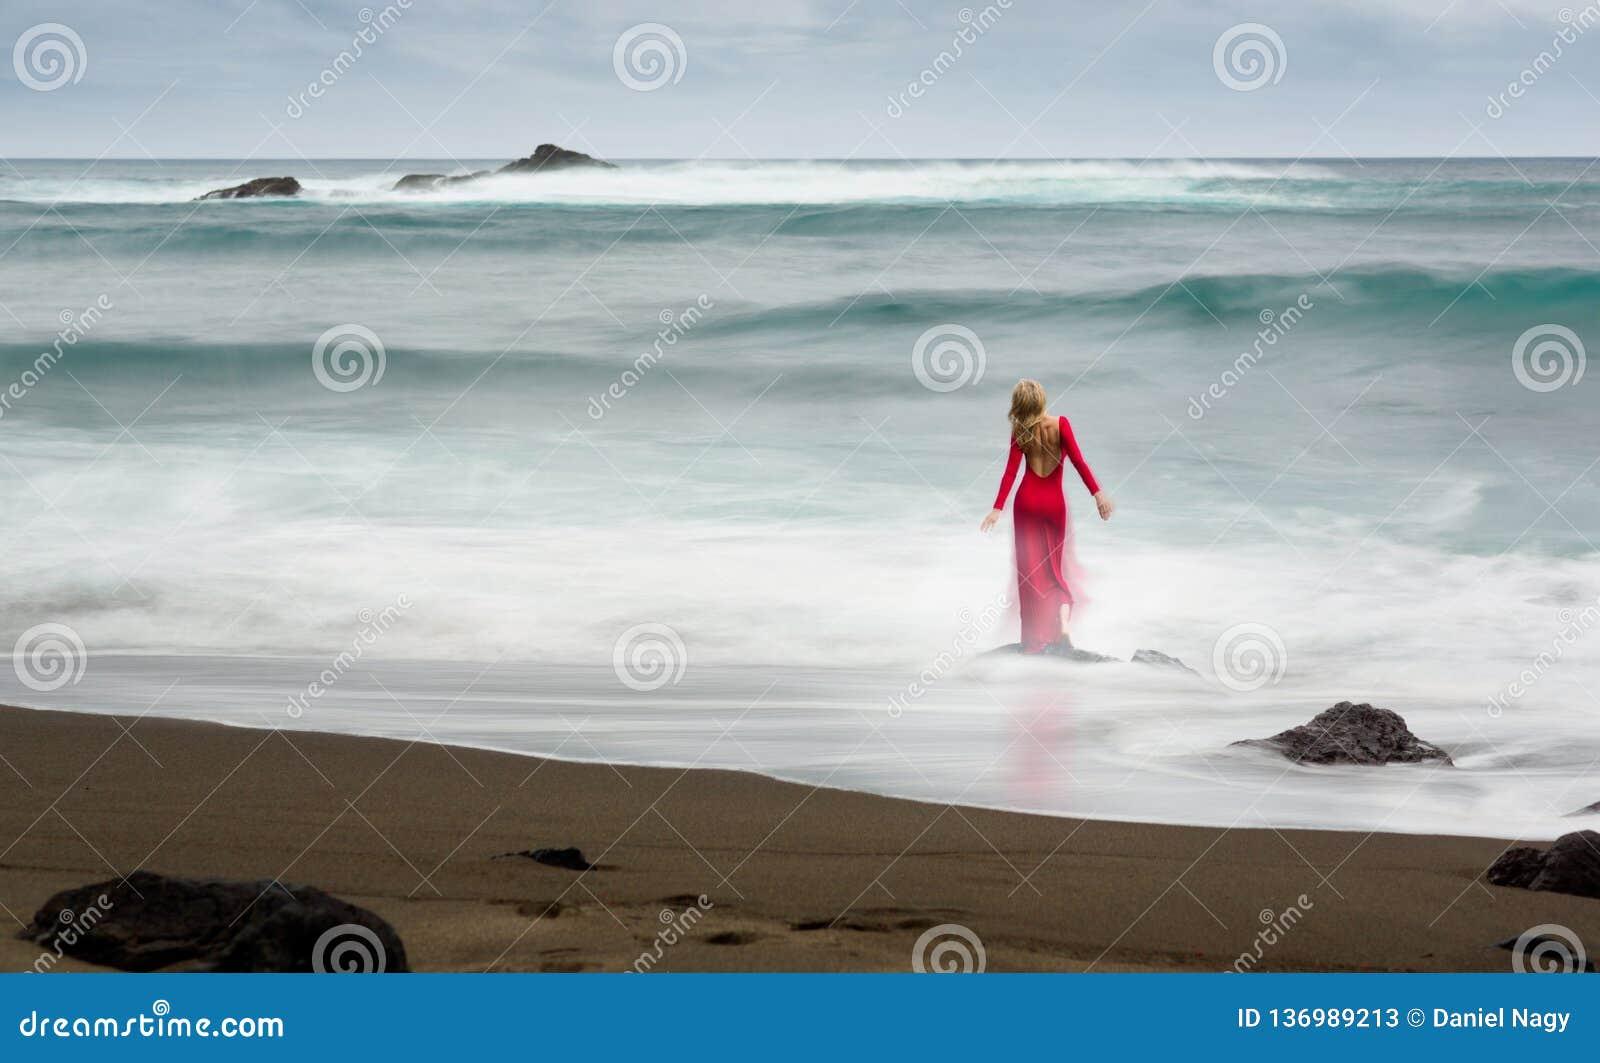 关于一名红色,长的加工好的美丽的白肤金发的妇女的艺术性的美术图片,在一个海滩岩石在水中站立